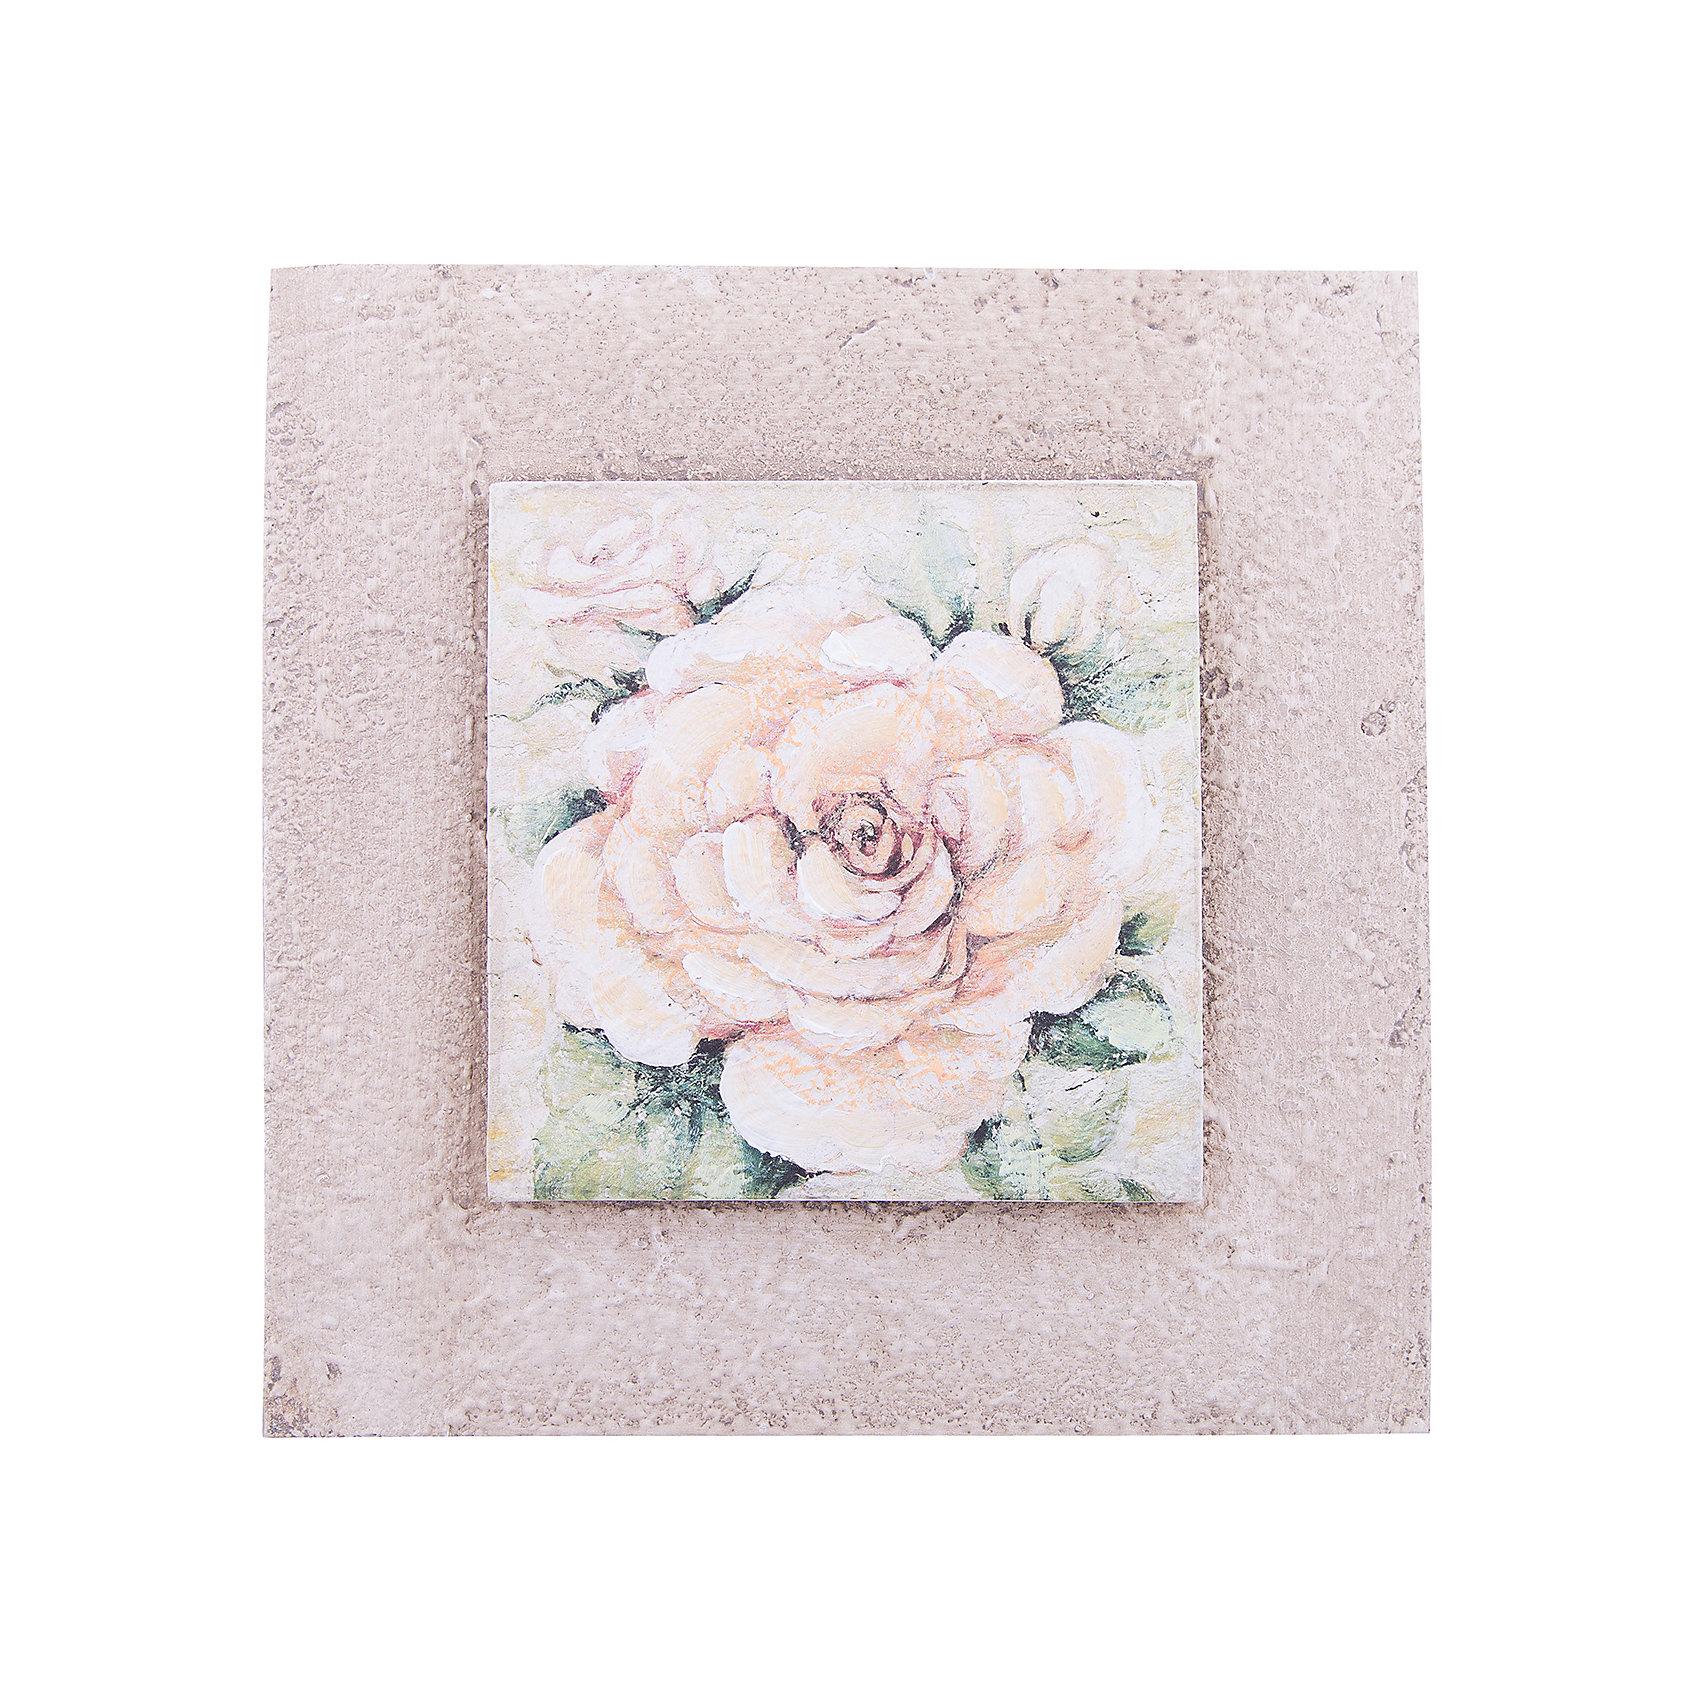 Картина - репродукция Белая роза, Феникс-ПрезентПредметы интерьера<br>Картина - репродукция Белая роза, Феникс-Презент <br><br>Характеристики:<br><br>• печать на бумаге<br>• дополнена ручной подрисовкой<br>• основа из МДФ<br>• рамка из МДФ<br>• размер: 25х25х3,5 см<br><br>Картина-репродукция Белая роза хорошо впишется в интерьер любой комнаты и станет ее украшением. На картине изображена роза, которая отлично сочетается с оригинальной рамкой. Основание и рамка изготовлены из МДФ. Картина выполнена печатью на бумаге с ручной подрисовкой.<br><br>Картину - репродукцию Белая роза, Феникс-Презент вы можете купить в нашем интернет-магазине.<br><br>Ширина мм: 250<br>Глубина мм: 250<br>Высота мм: 350<br>Вес г: 598<br>Возраст от месяцев: -2147483648<br>Возраст до месяцев: 2147483647<br>Пол: Унисекс<br>Возраст: Детский<br>SKU: 5449573